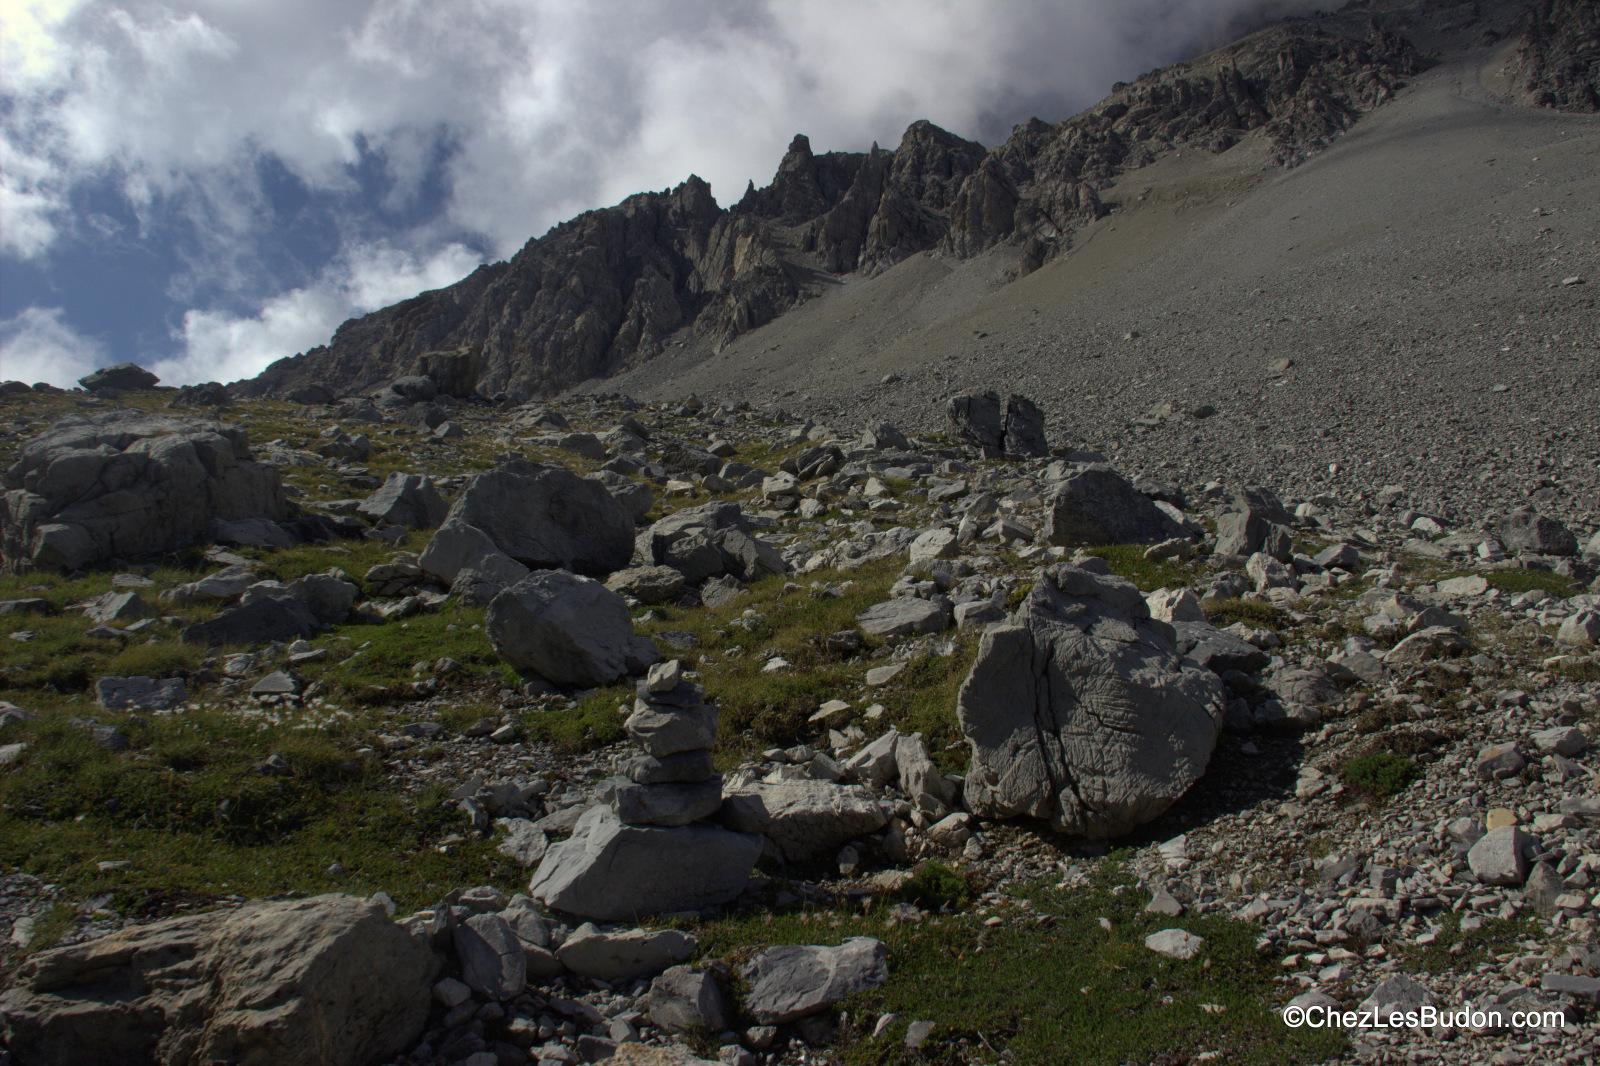 Col de la Roue (2543m), Replanette (2338m), Vallée Étroite (2434m)